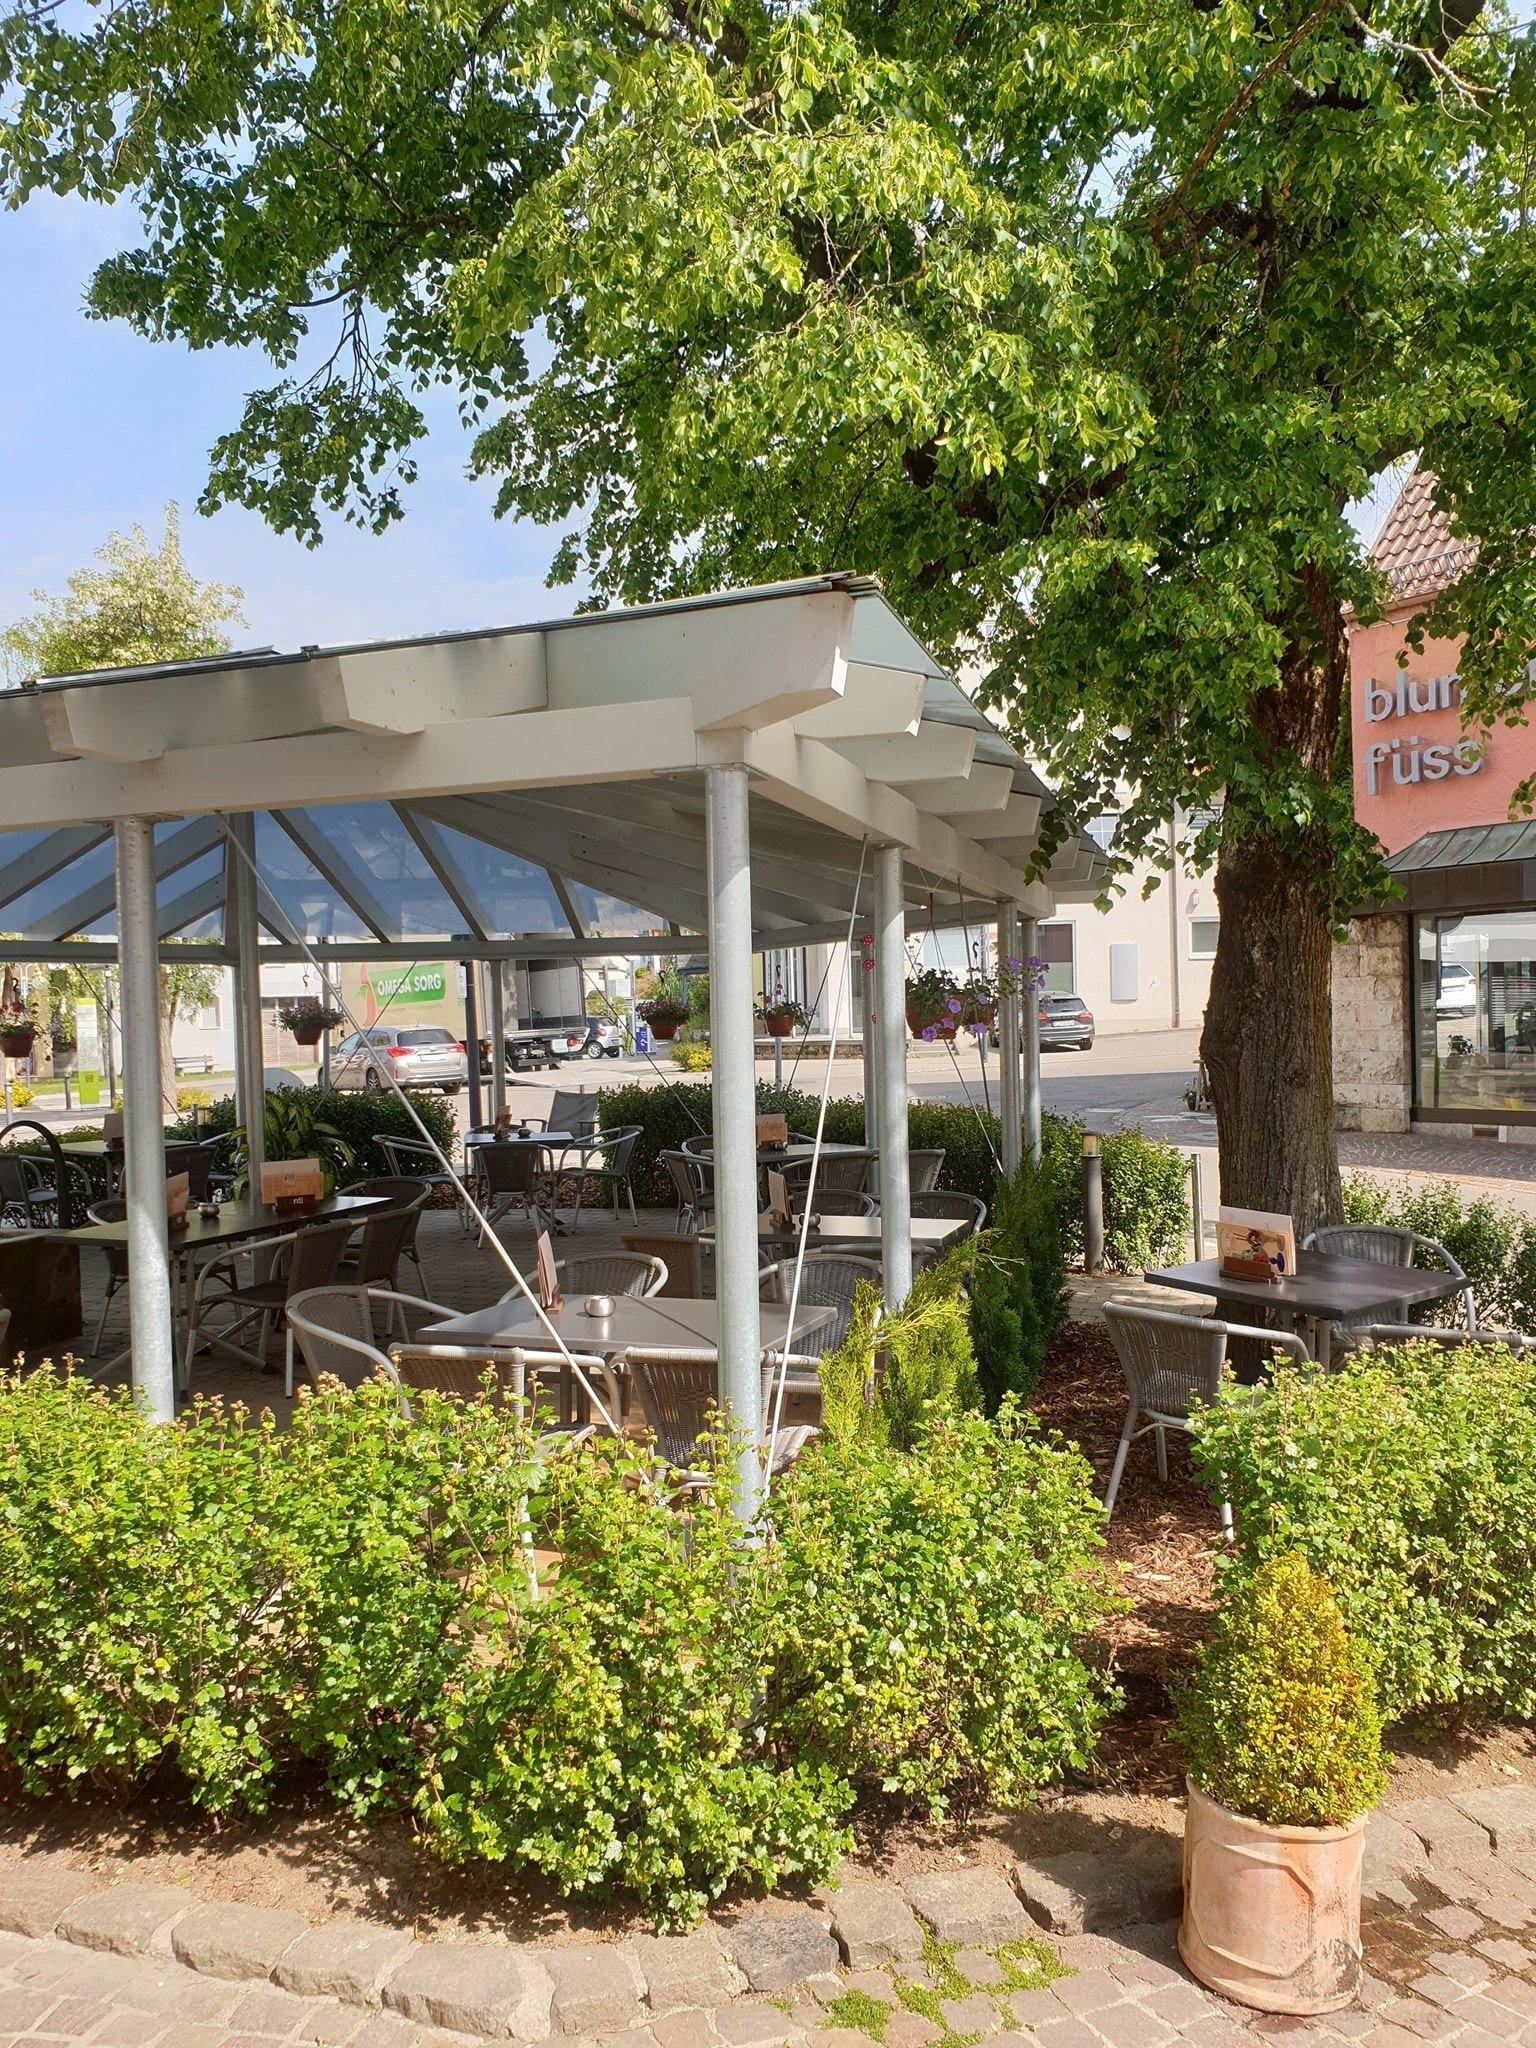 Ein Pavillion unter dem mehrere Tische und Stühle stehen. Drumherum sind viele Pflanzen, Blumen und ein Baum. Es ist sonnig.